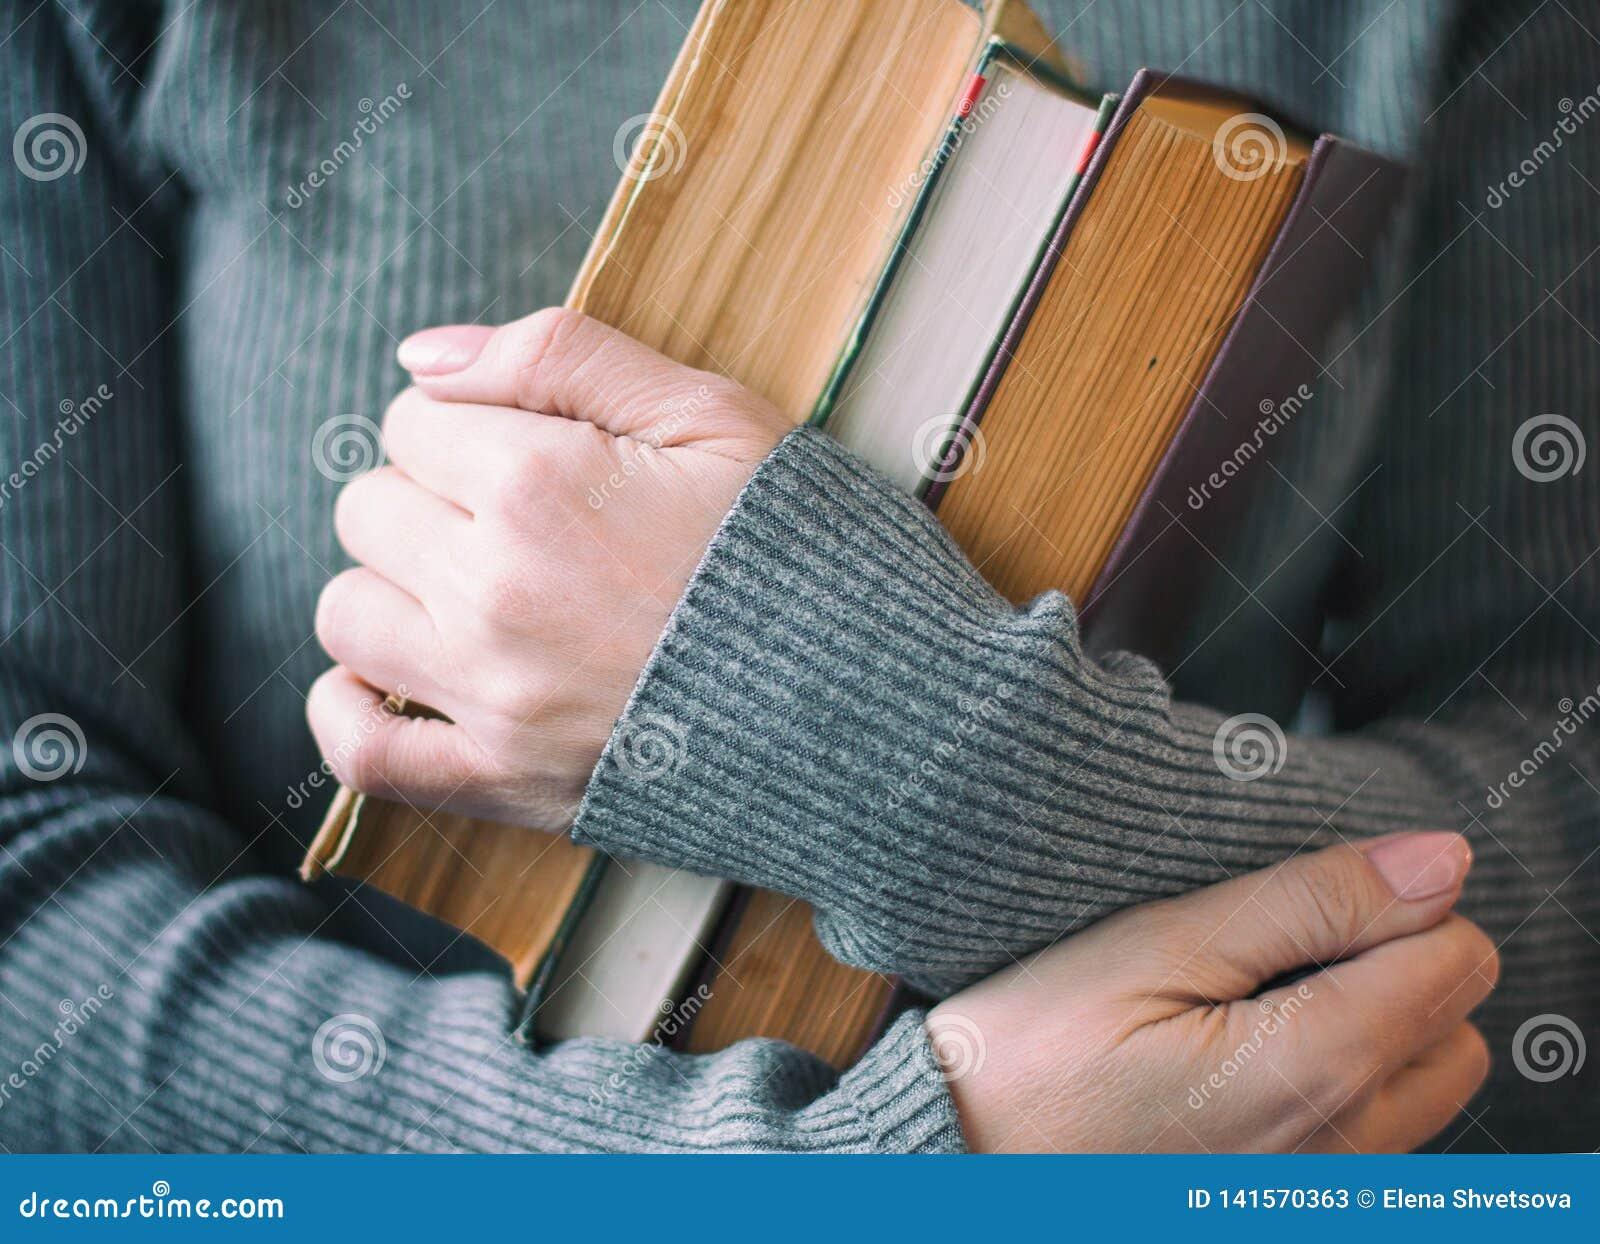 Kobieta w szarość ubraniach trzyma trzy książki w ręce